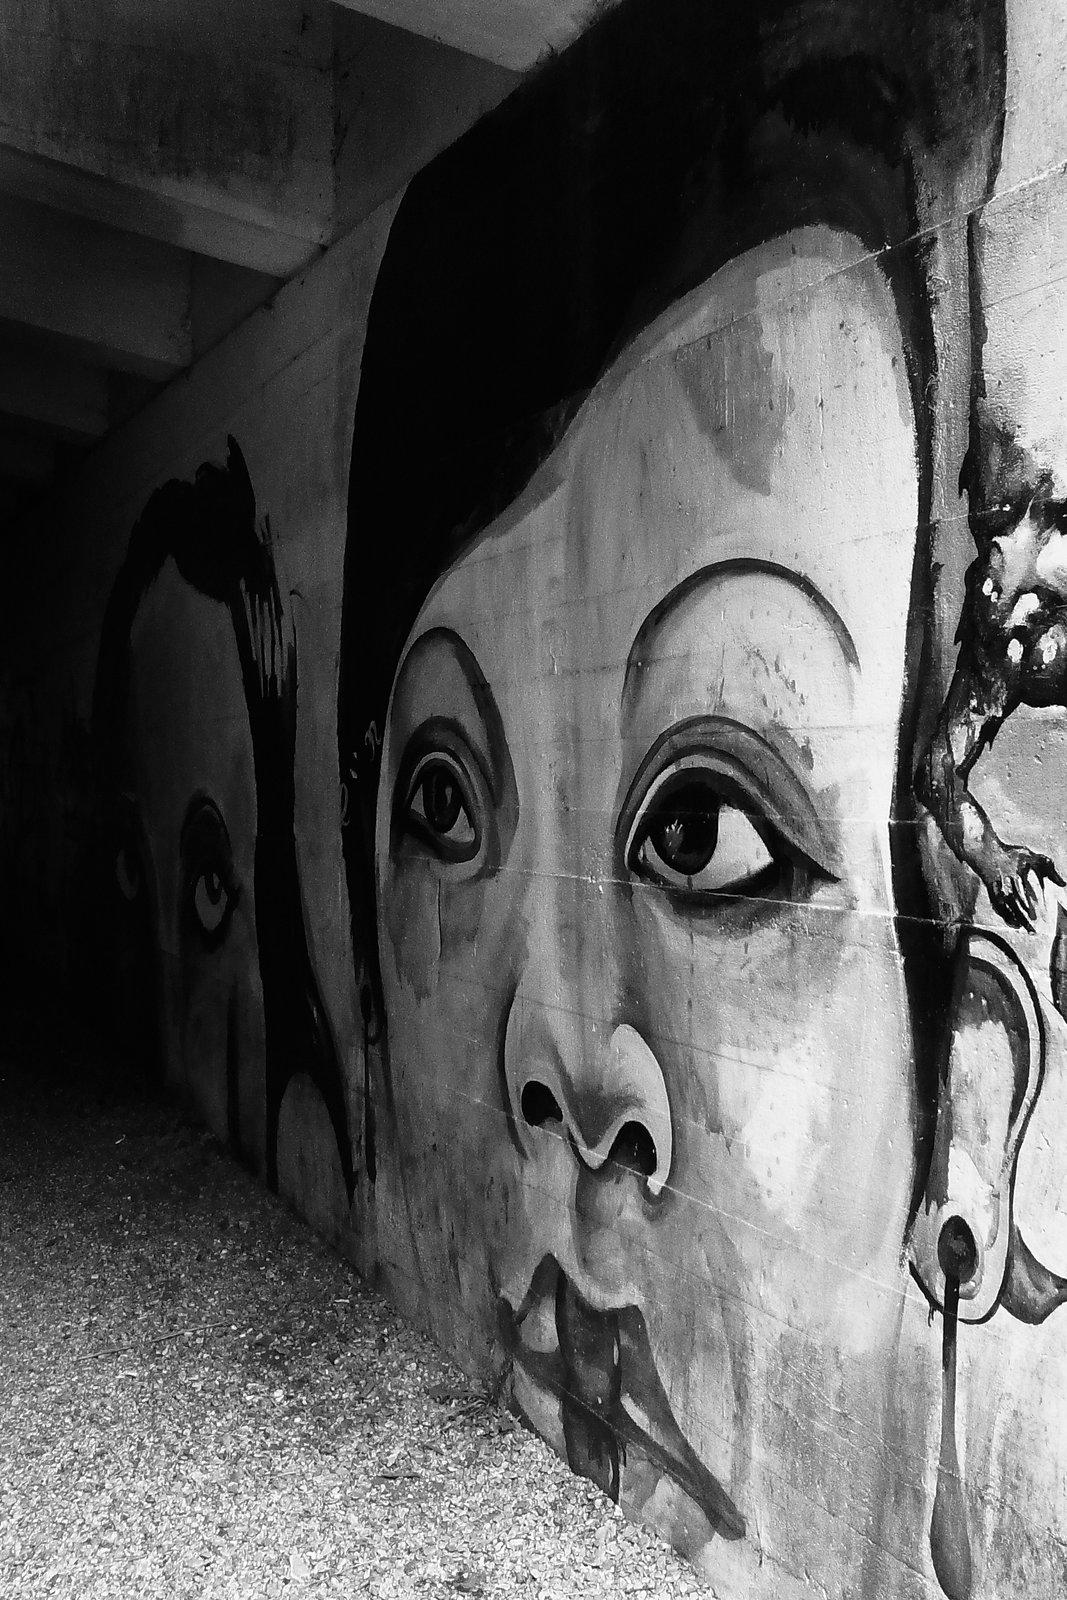 Deepcut Graffiti 1.jpg